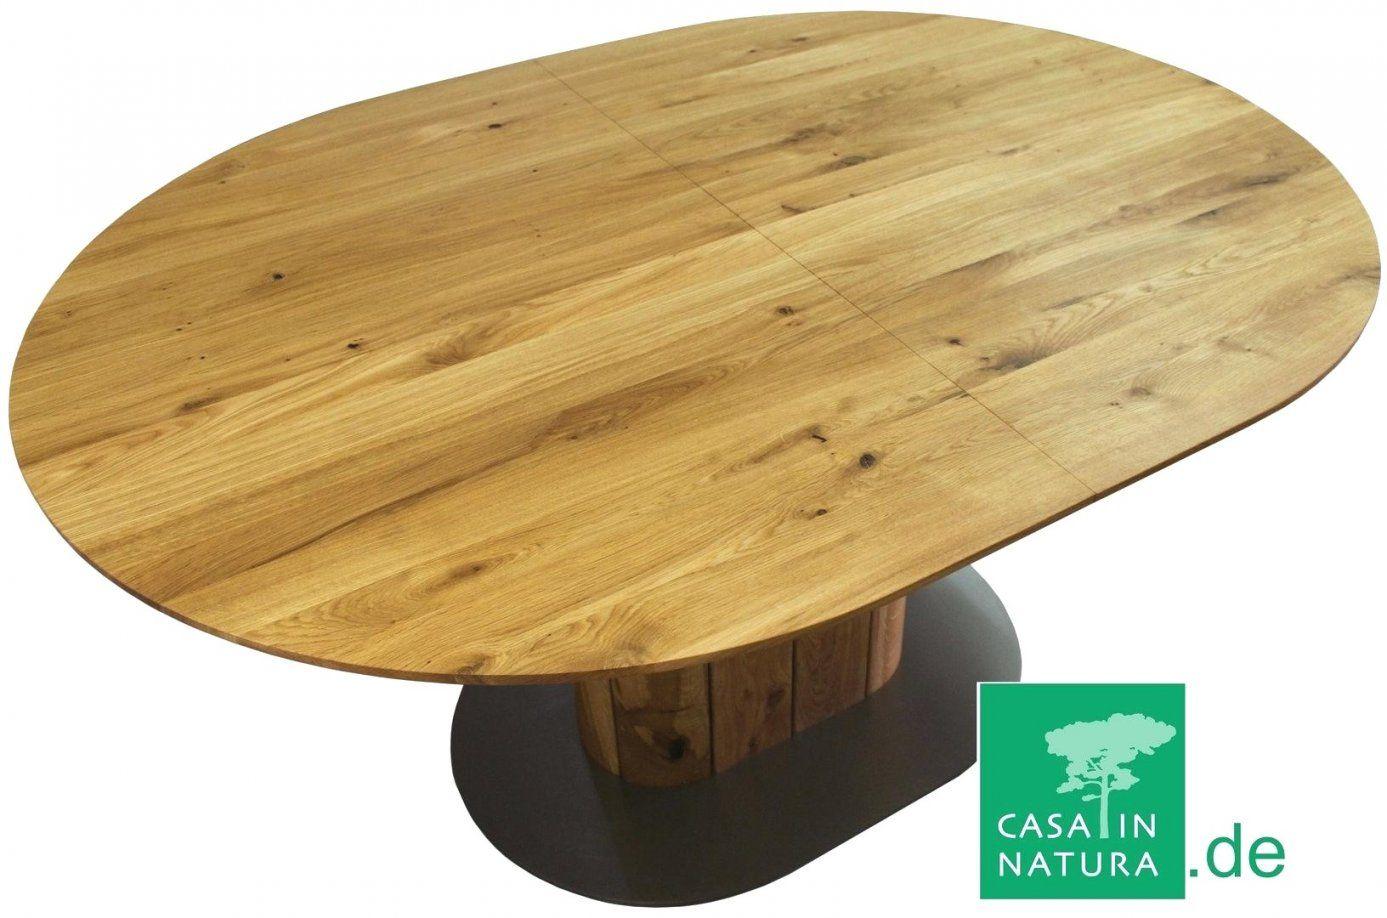 Esstisch Oval Ausziehbar Ukkonzept Kleine Tische Holz Runde Tische von Esstisch Oval Holz Ausziehbar Bild